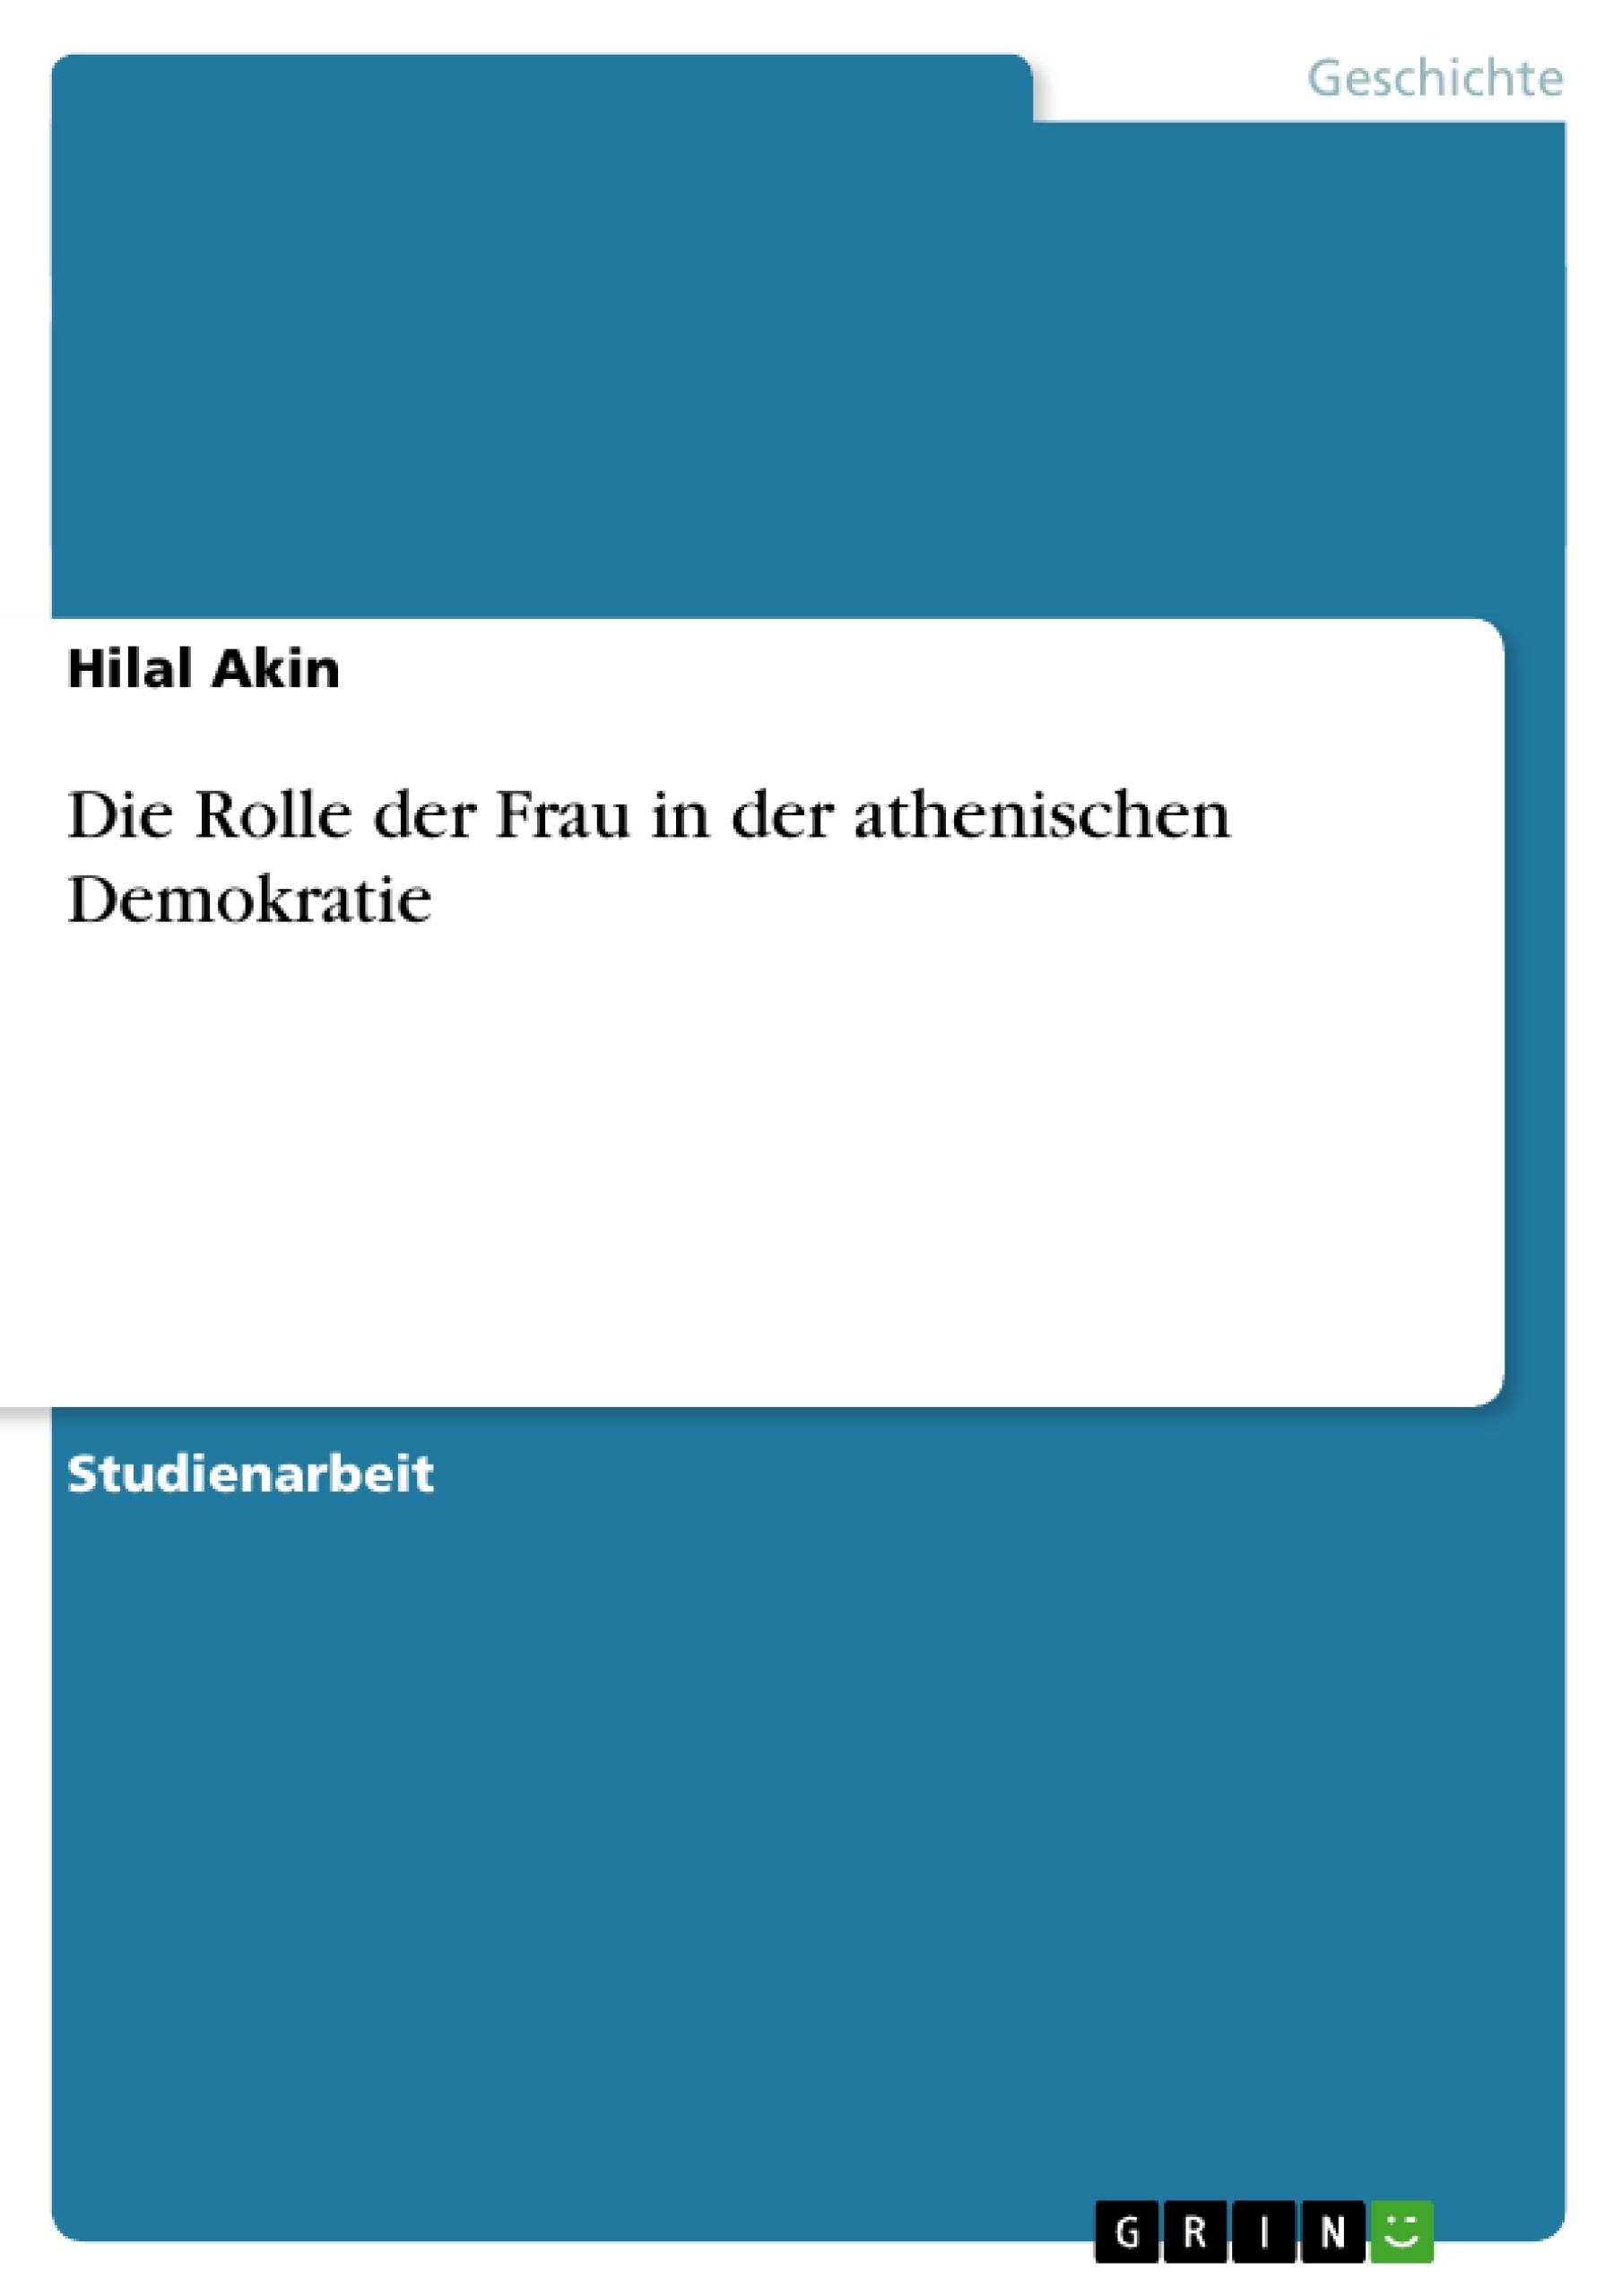 Titel: Die Rolle der Frau in der athenischen Demokratie